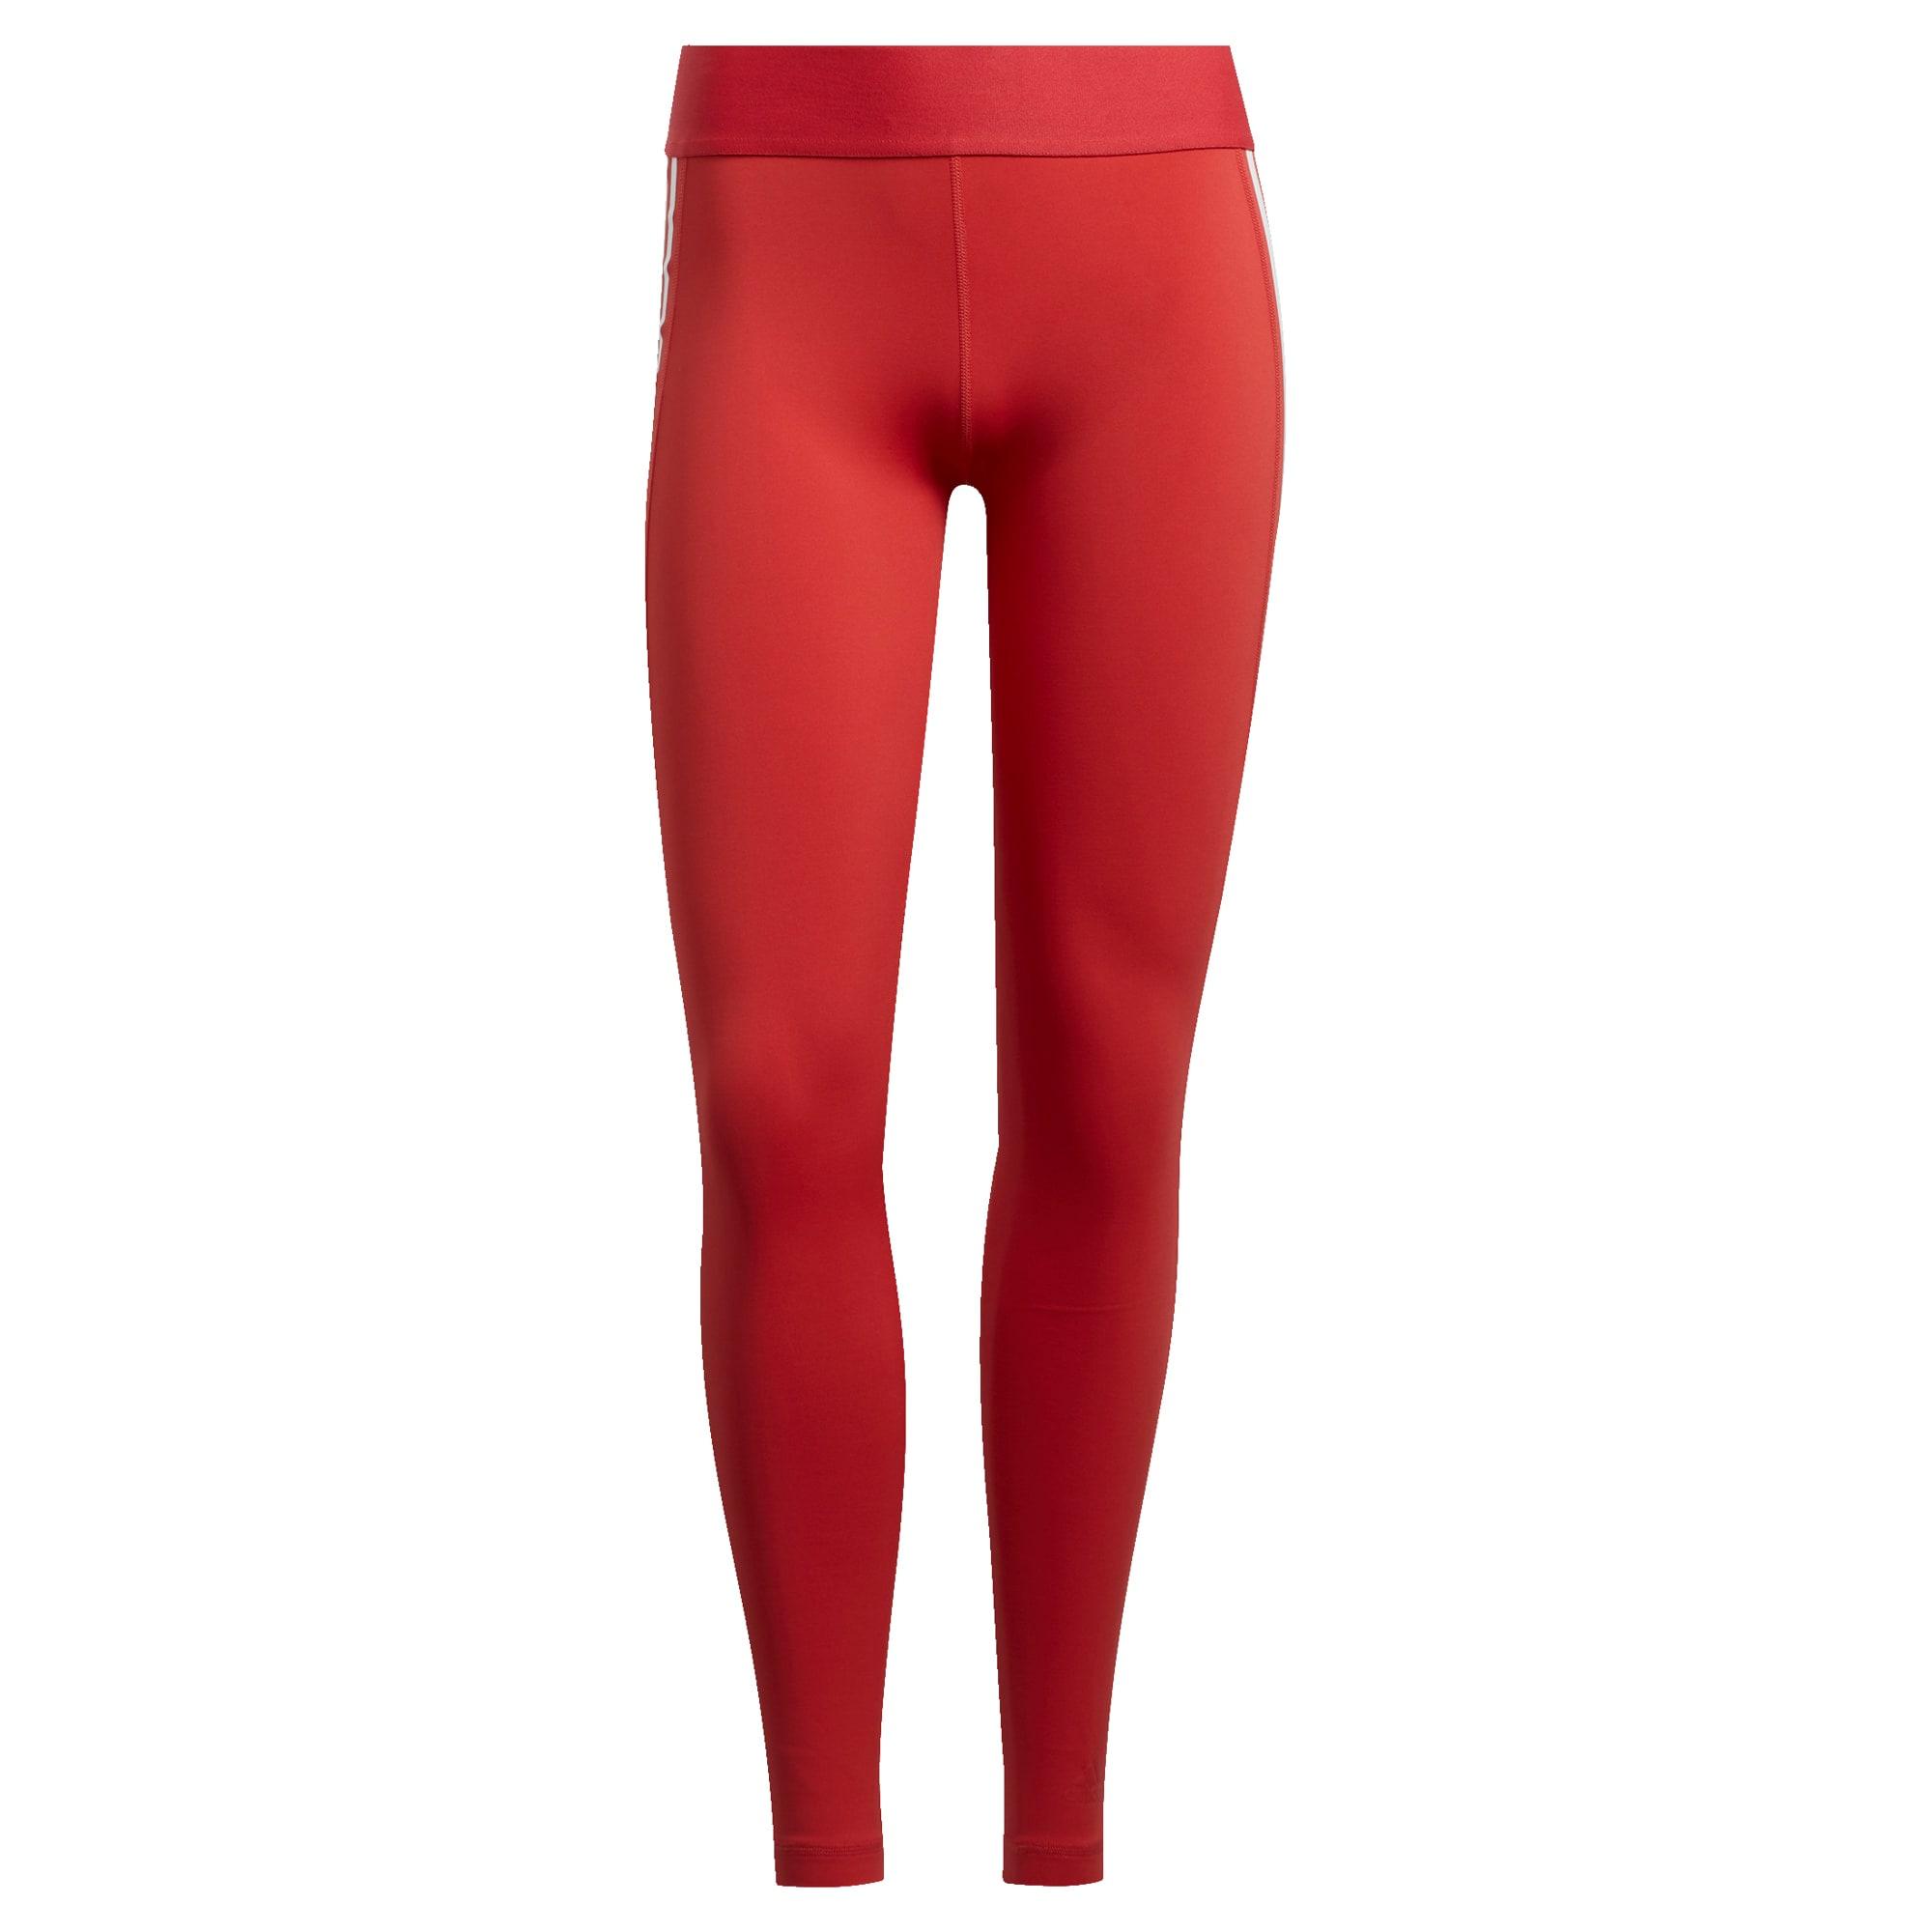 ADIDAS PERFORMANCE Sportovní kalhoty 'ALPHASKIN SP 3 STRIPE'  tmavě červená